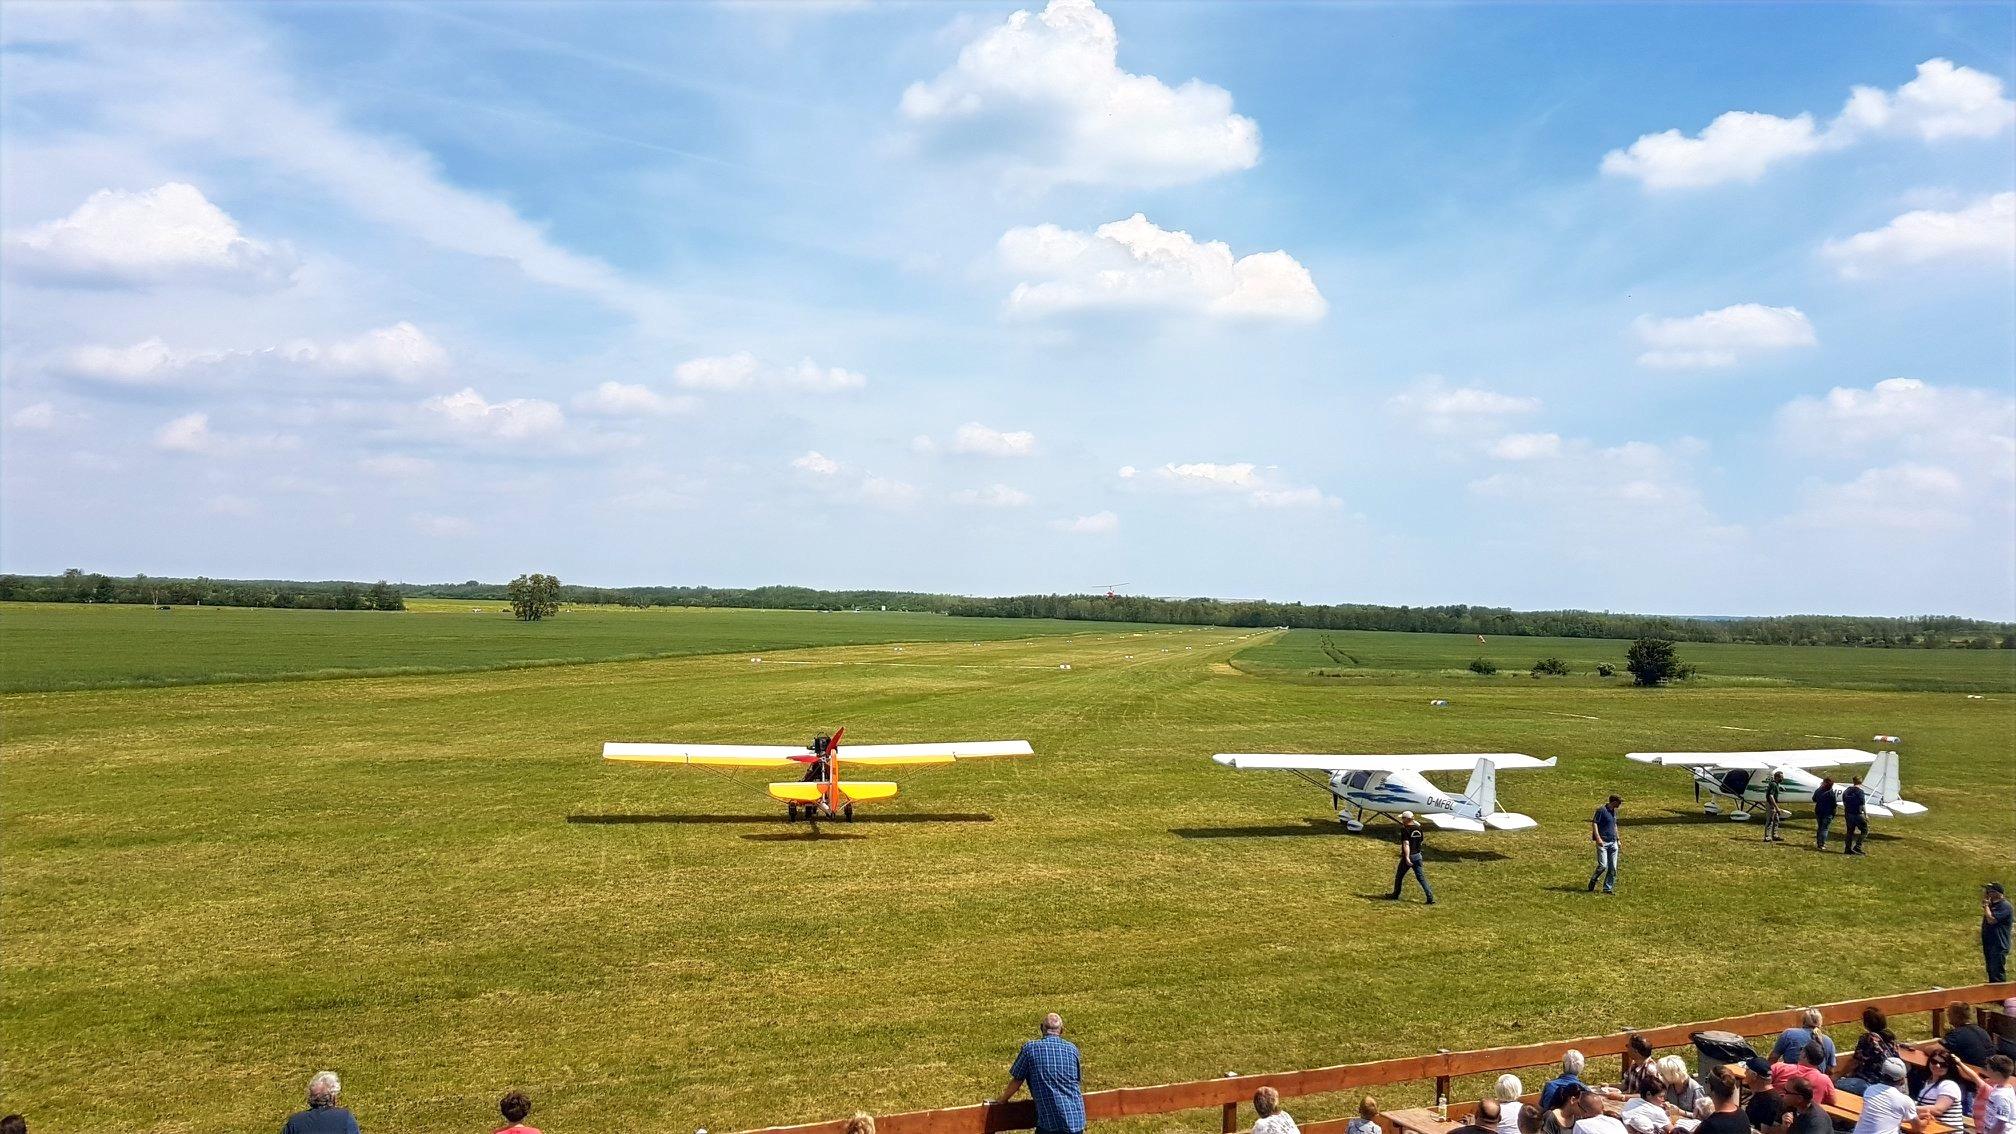 Flugplatzfest in Böhlen